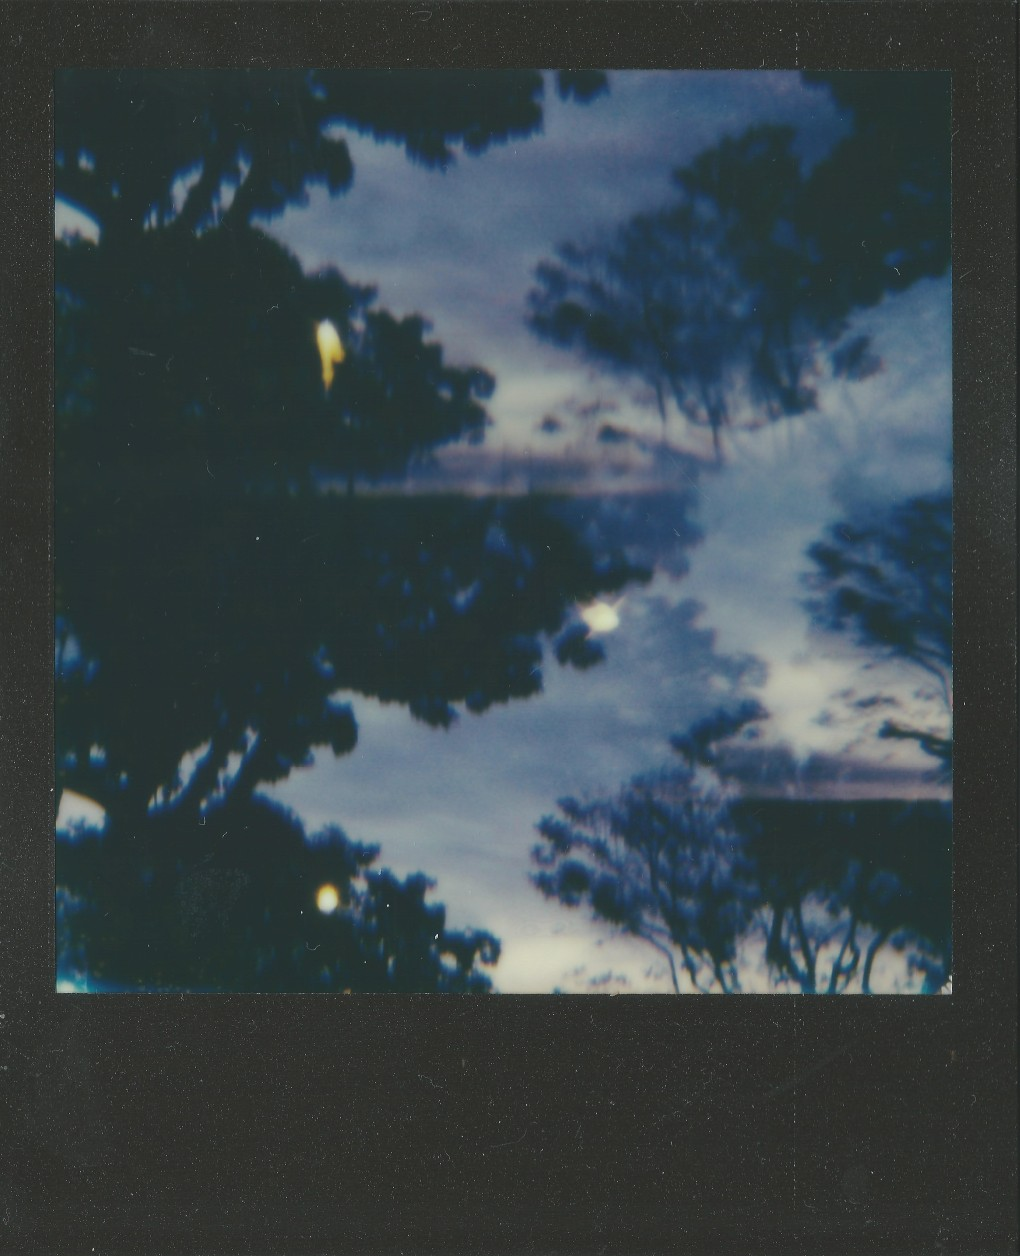 image-45a